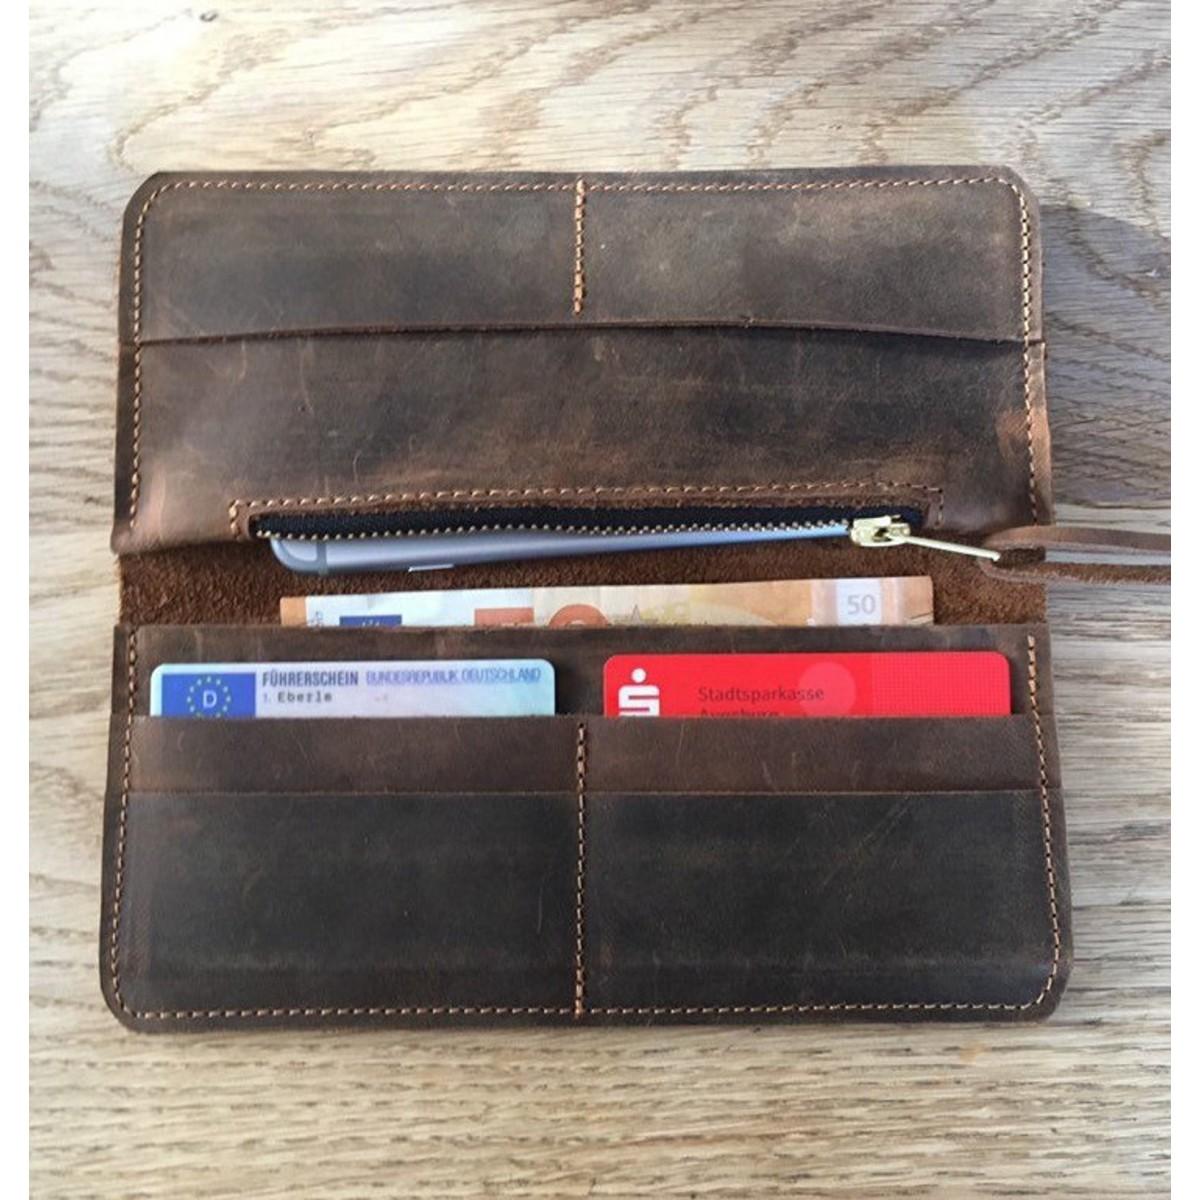 BSAITE Brieftasche aus echtem Leder / Portemonnaie / Geldbeutel / braun